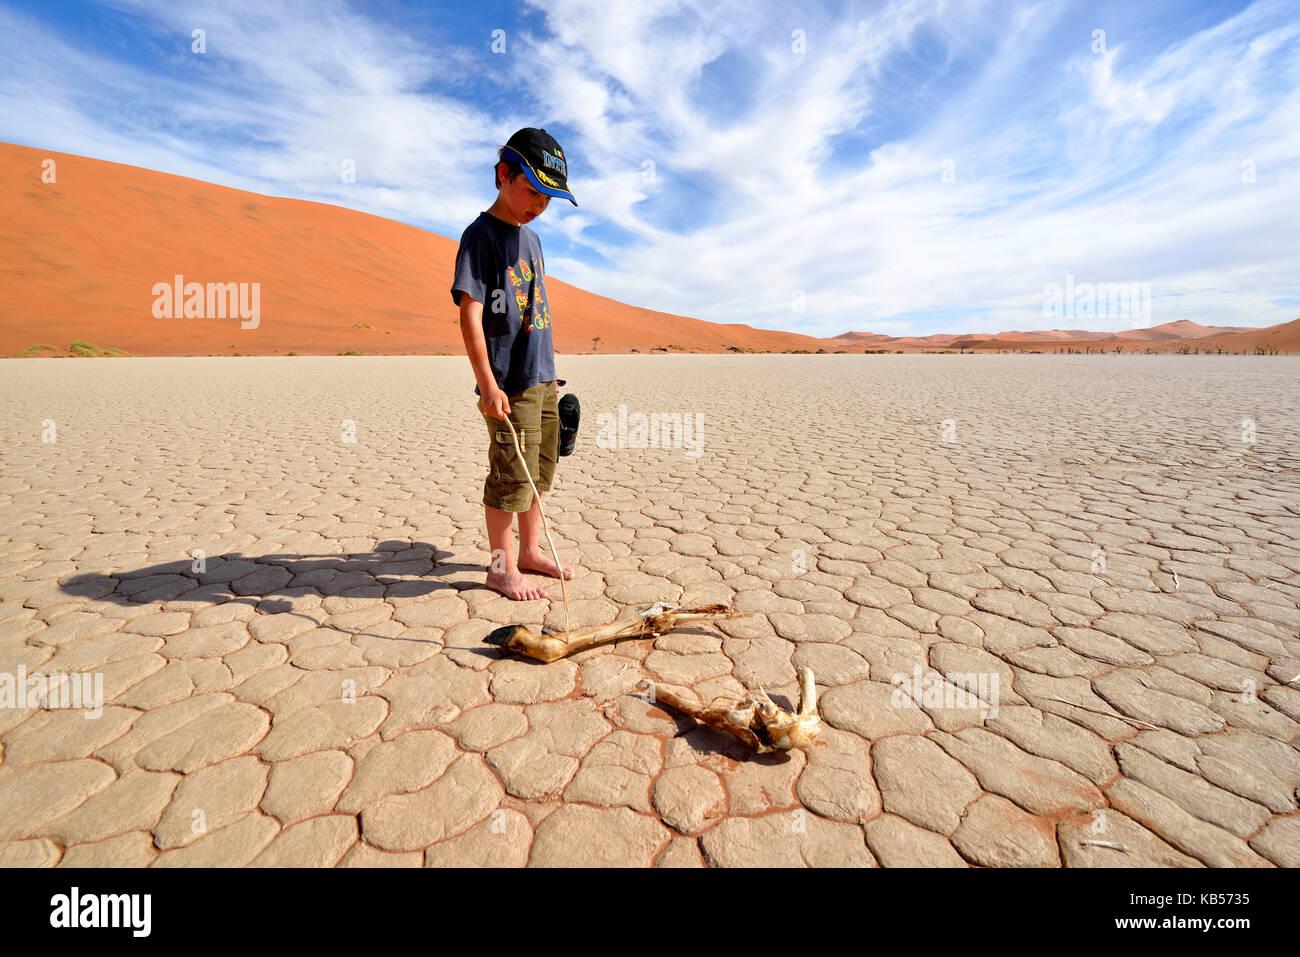 6be913512547 Namibia, Hardap, Namib desert, Namib-Naukluft national park, Sossusvlei  dunes,